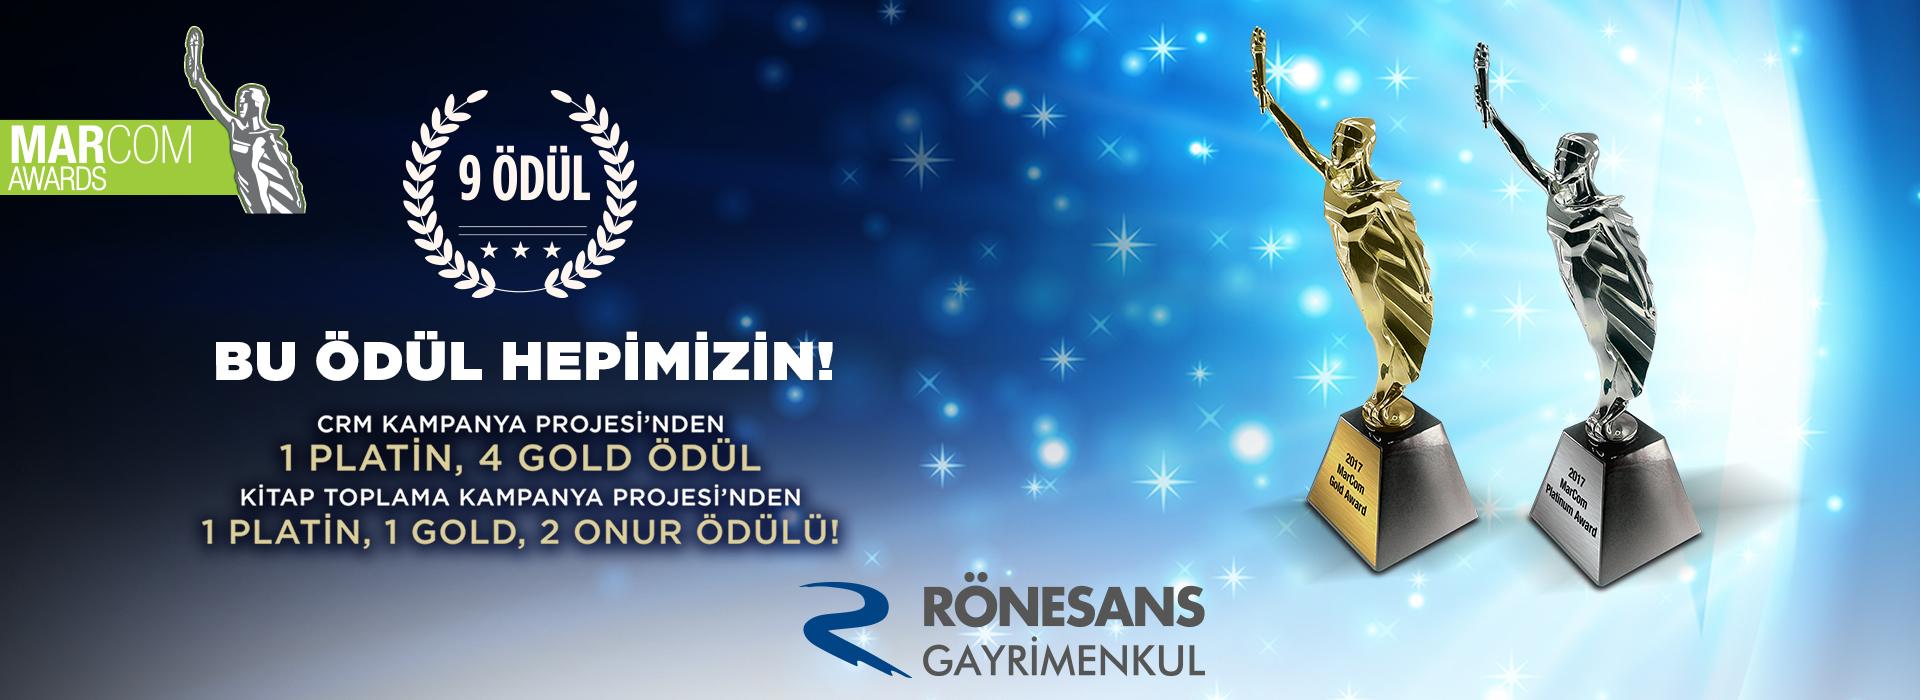 Rönesans Gayrimenkul'e Marcom Awards'dan 9 Ödül Birden!